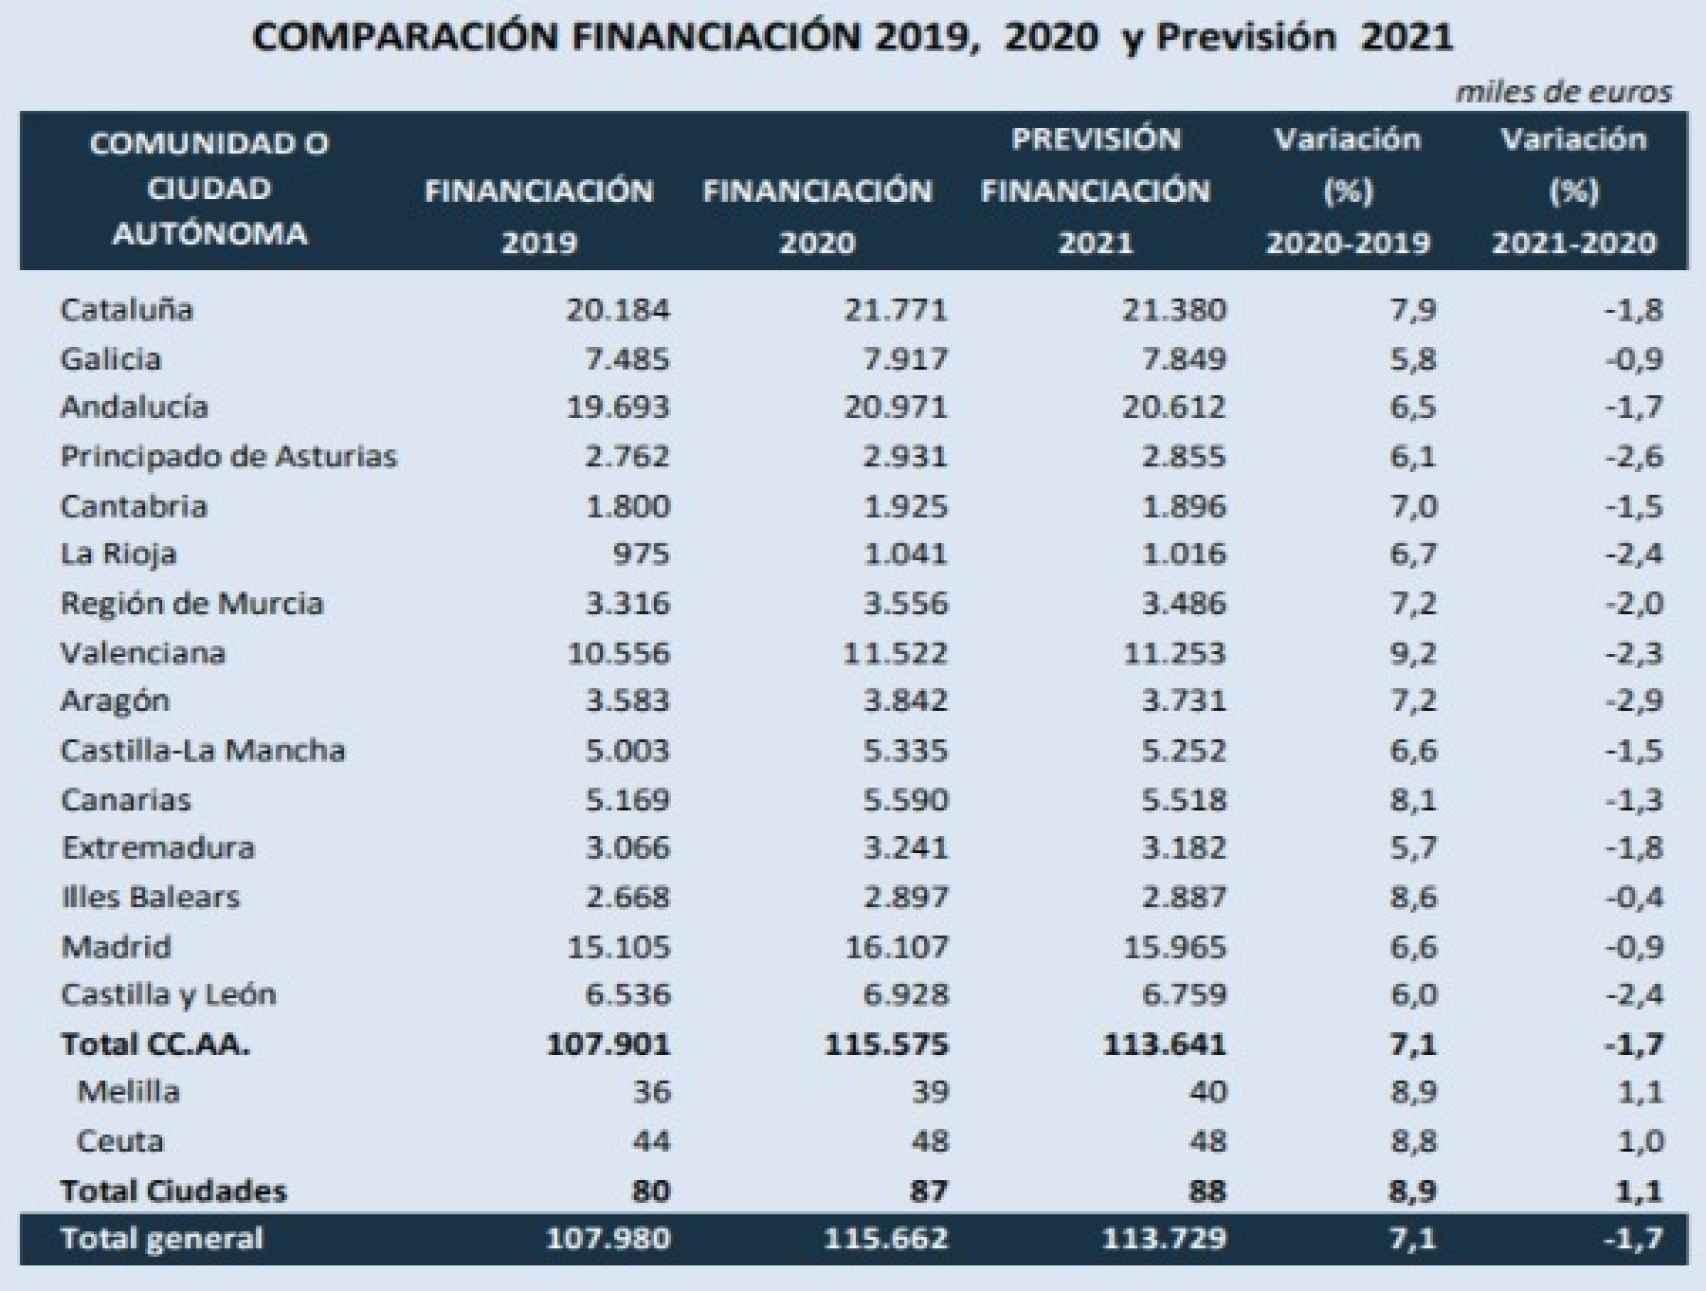 Cifras de financiación autonómica. Fuente: Presupuestos Generales del Estado.